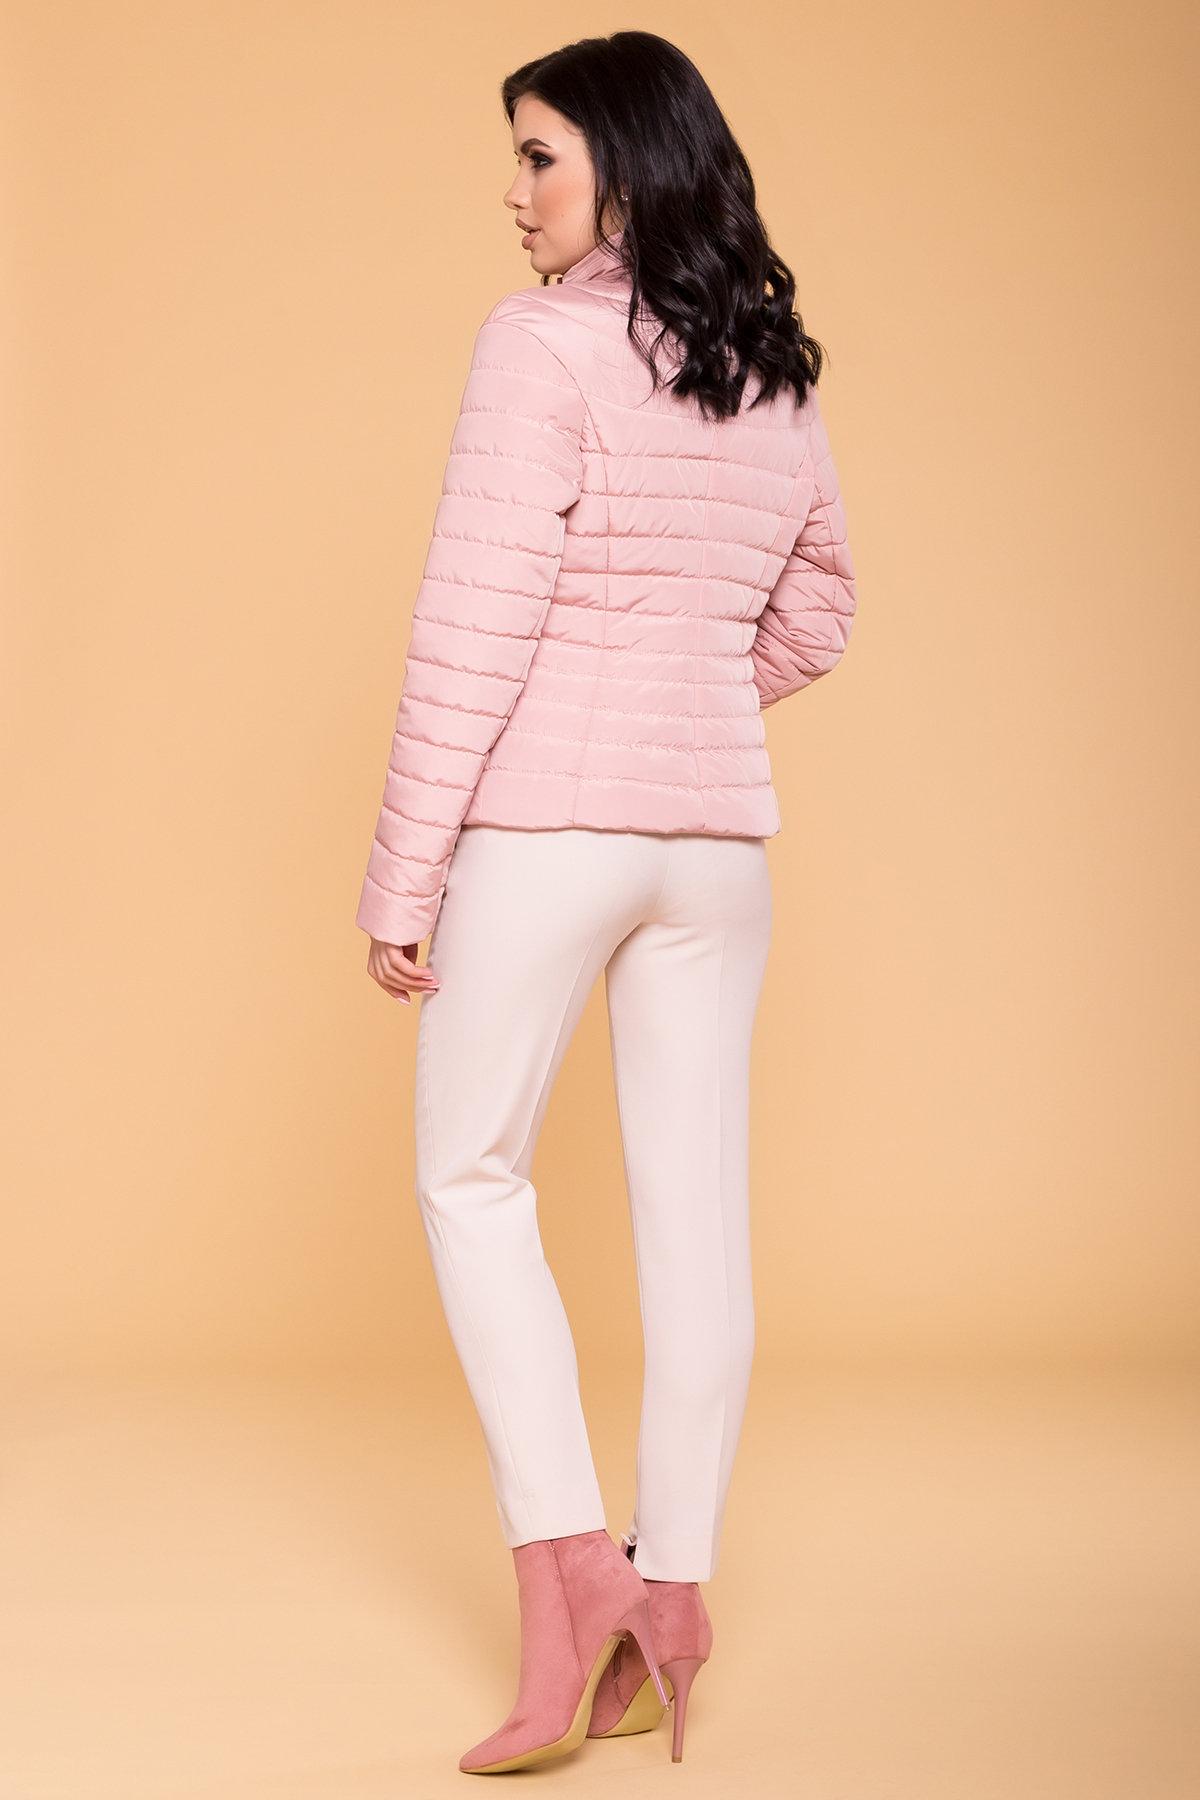 Куртка Флориса лайт 6416 АРТ. 41333 Цвет: Пудра - фото 2, интернет магазин tm-modus.ru